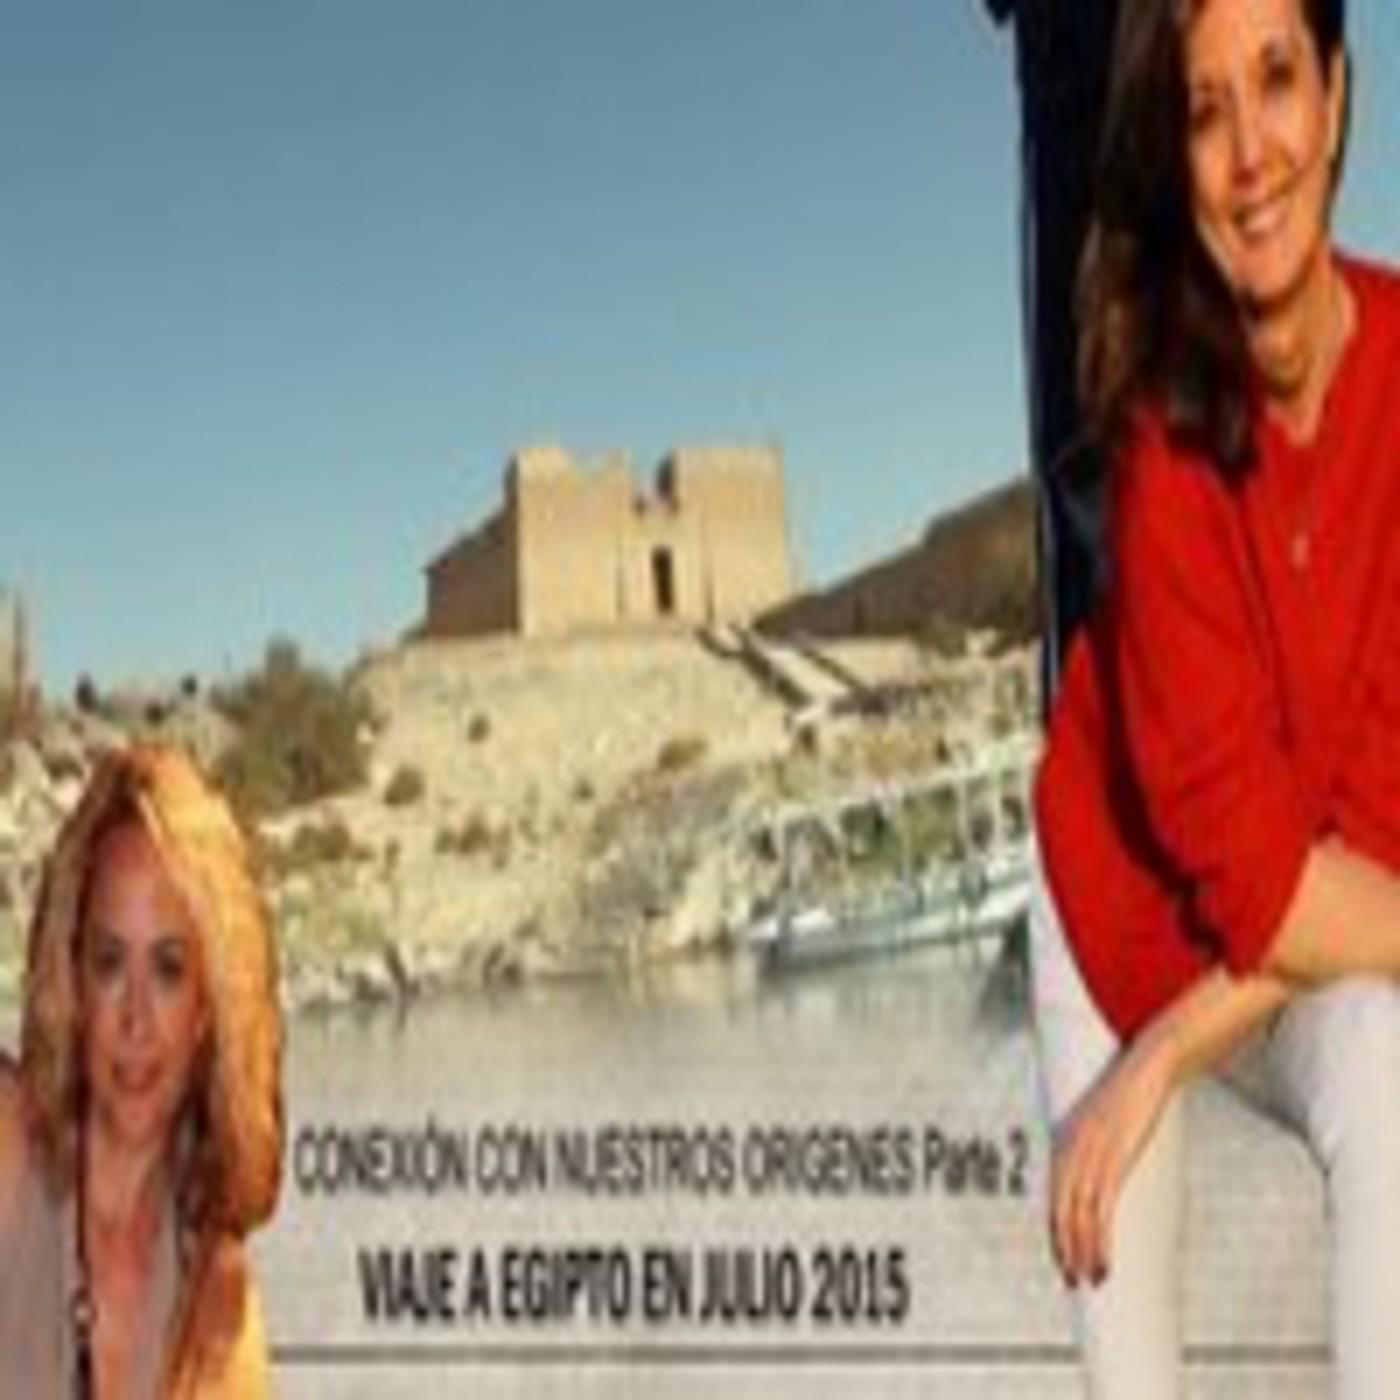 Conexión con Nuestros Origenes... Parte 2 - Sol Ahimsa y Yolanda Soria ·Viaje a Egipto en Julio 2015